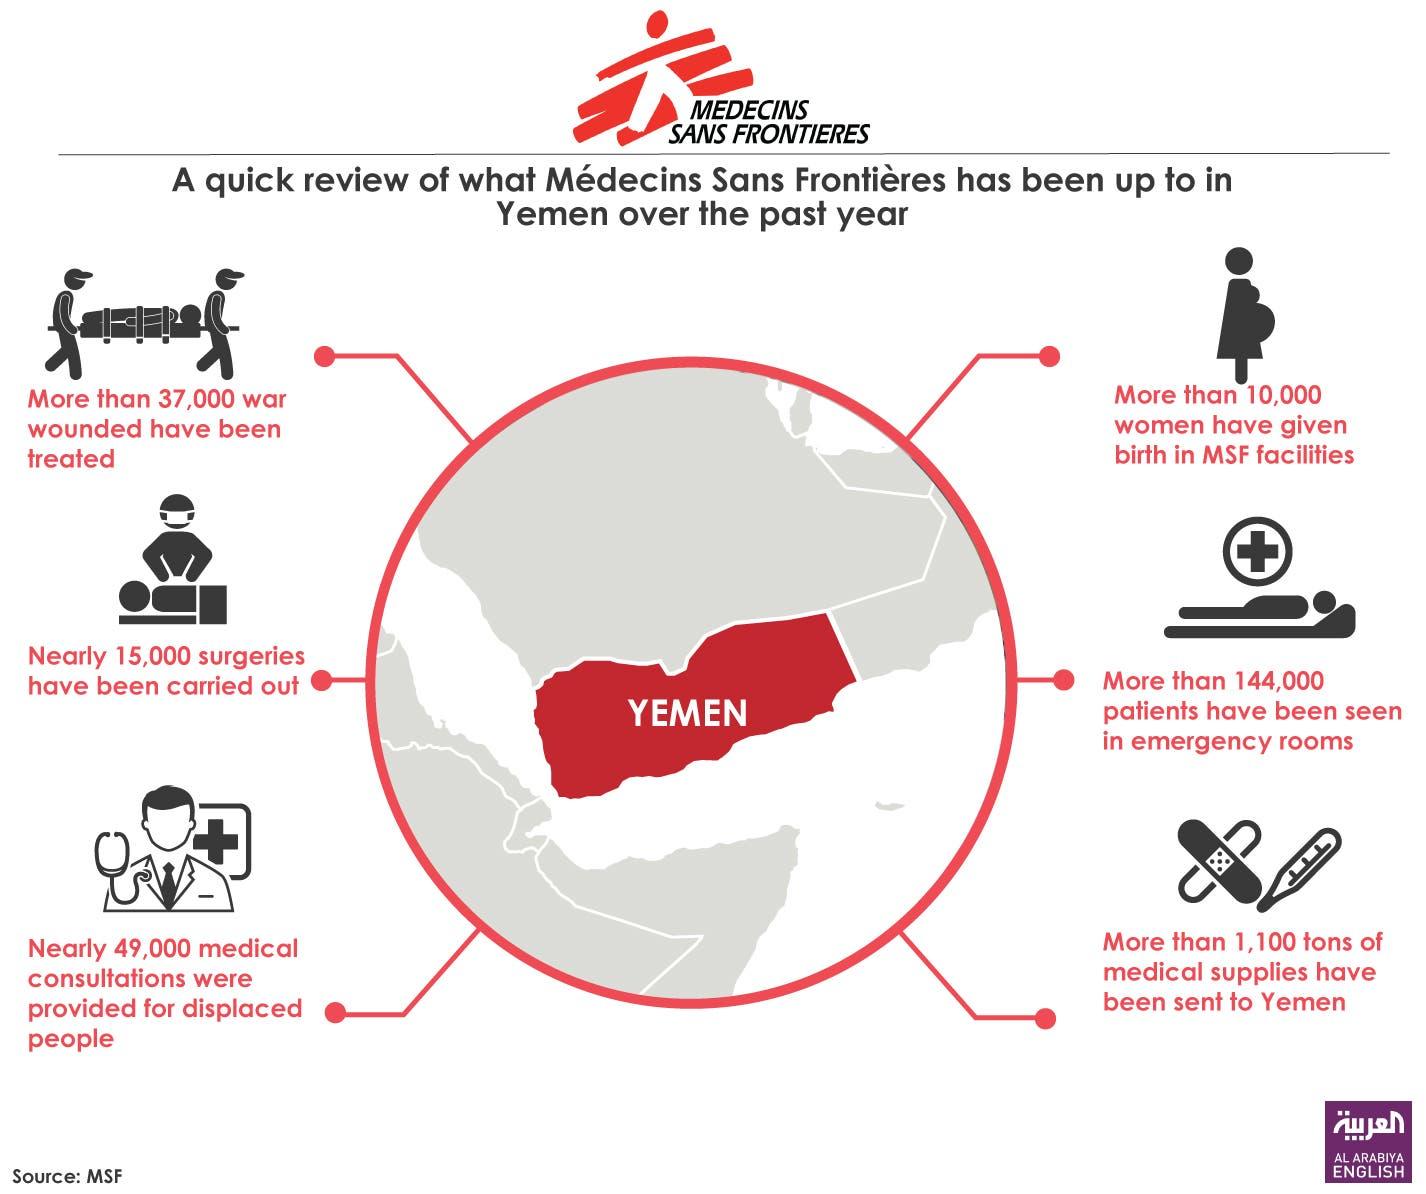 Infographic: MSF activities in Yemen (March 2015-2016)